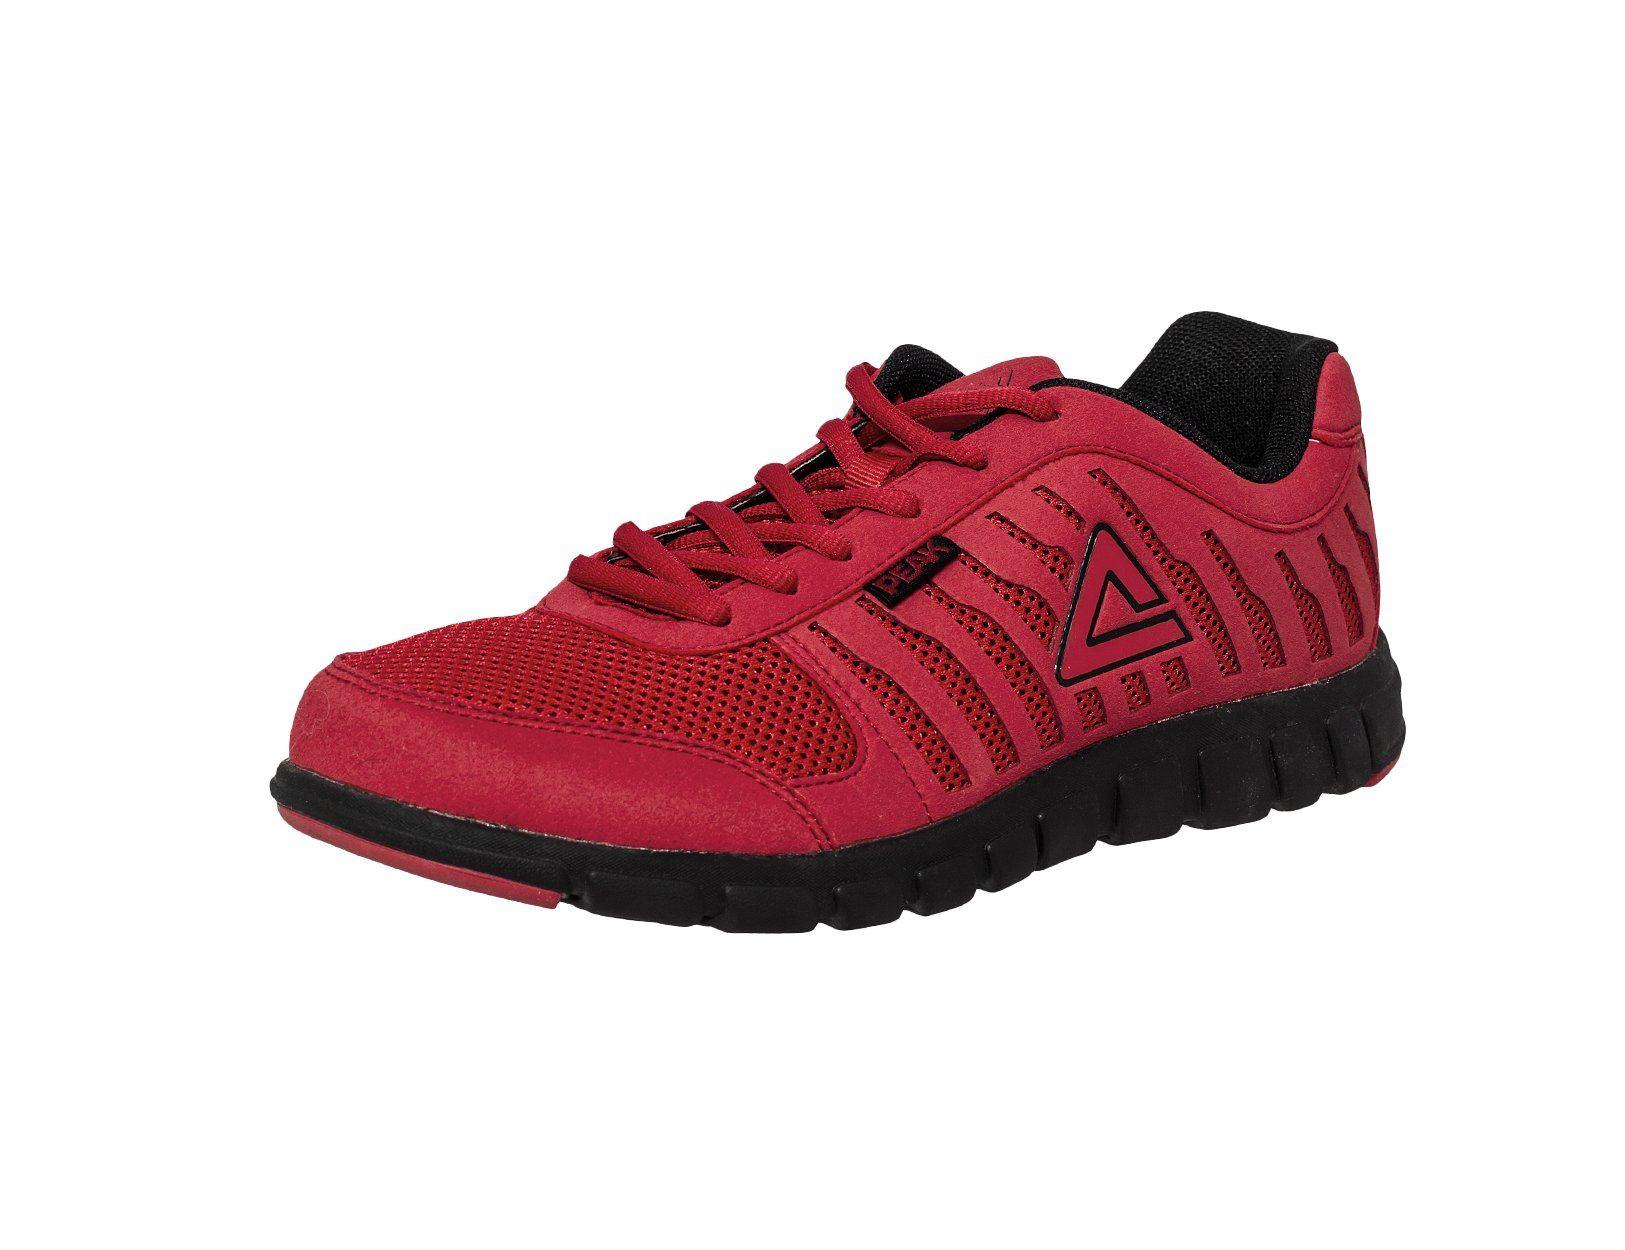 PEAK Basketballschuhe online kaufen  red-black